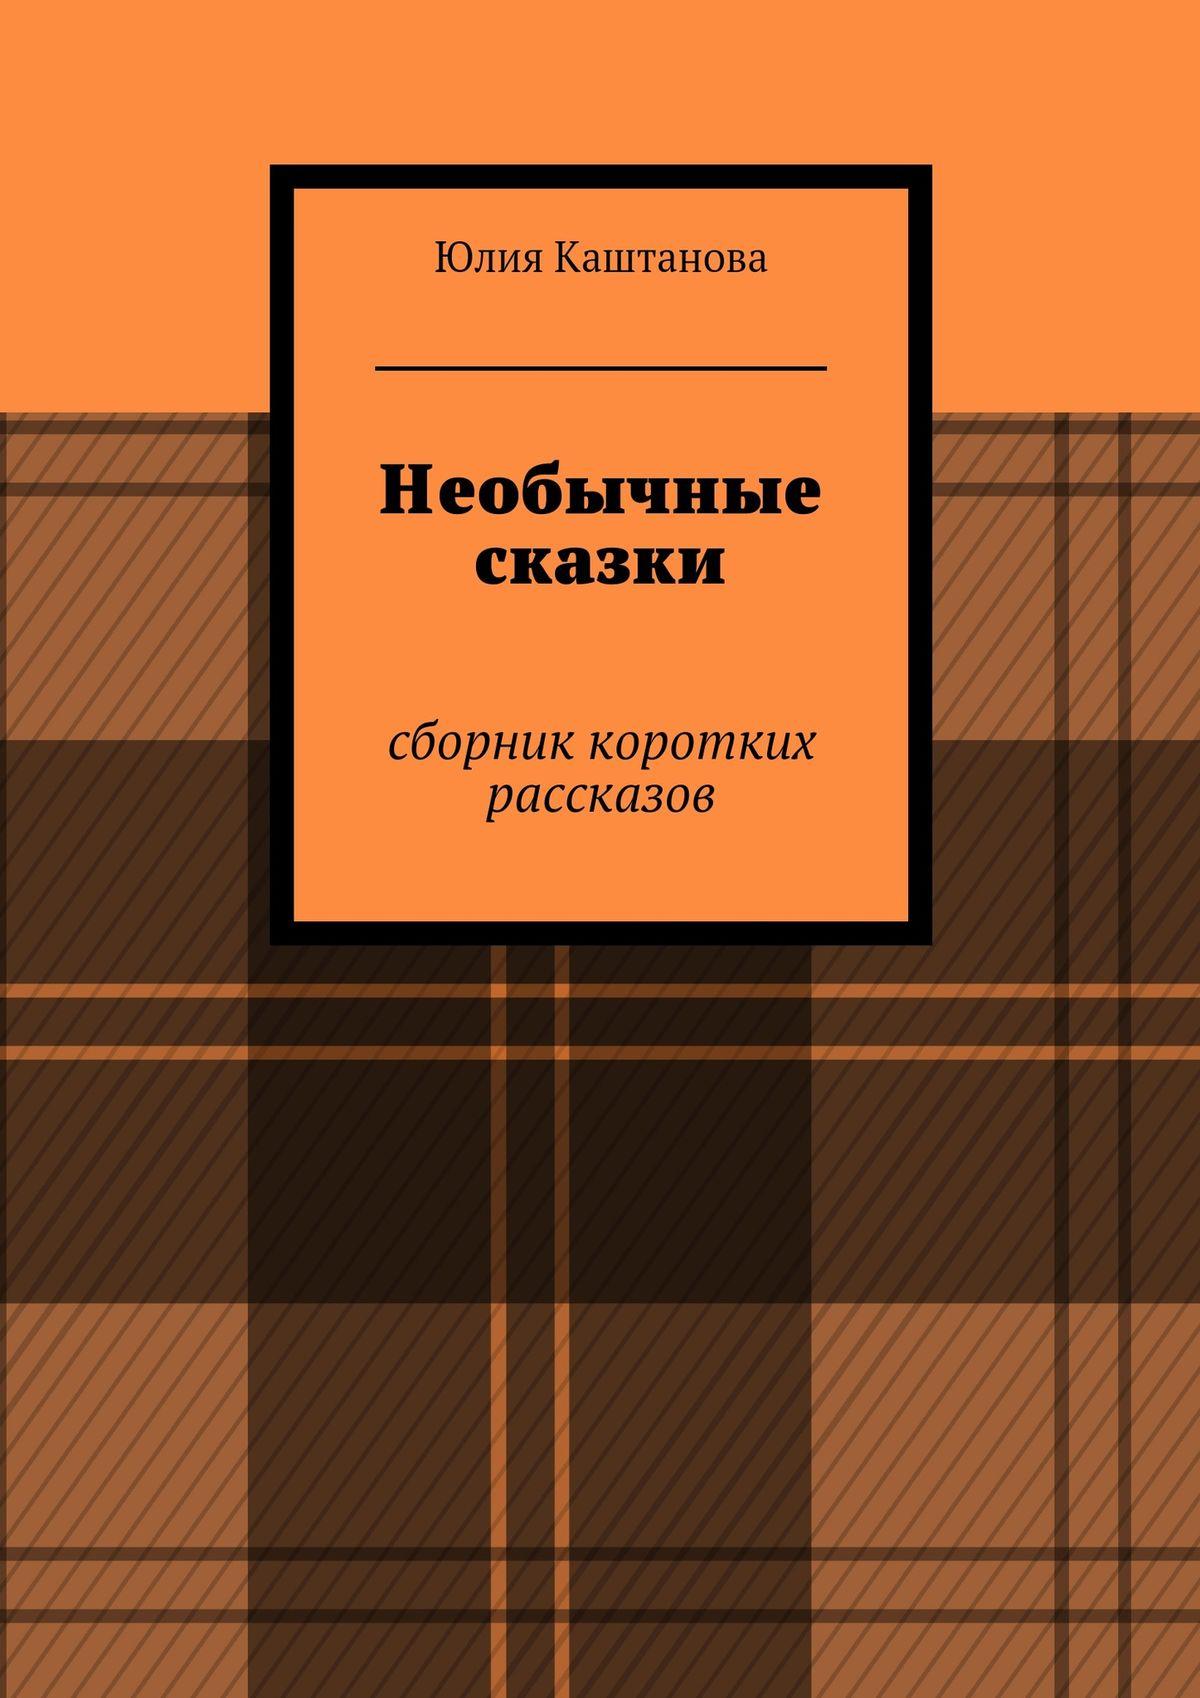 Юлия Каштанова Необычные сказки кузьмин с сост старые добрые сказки